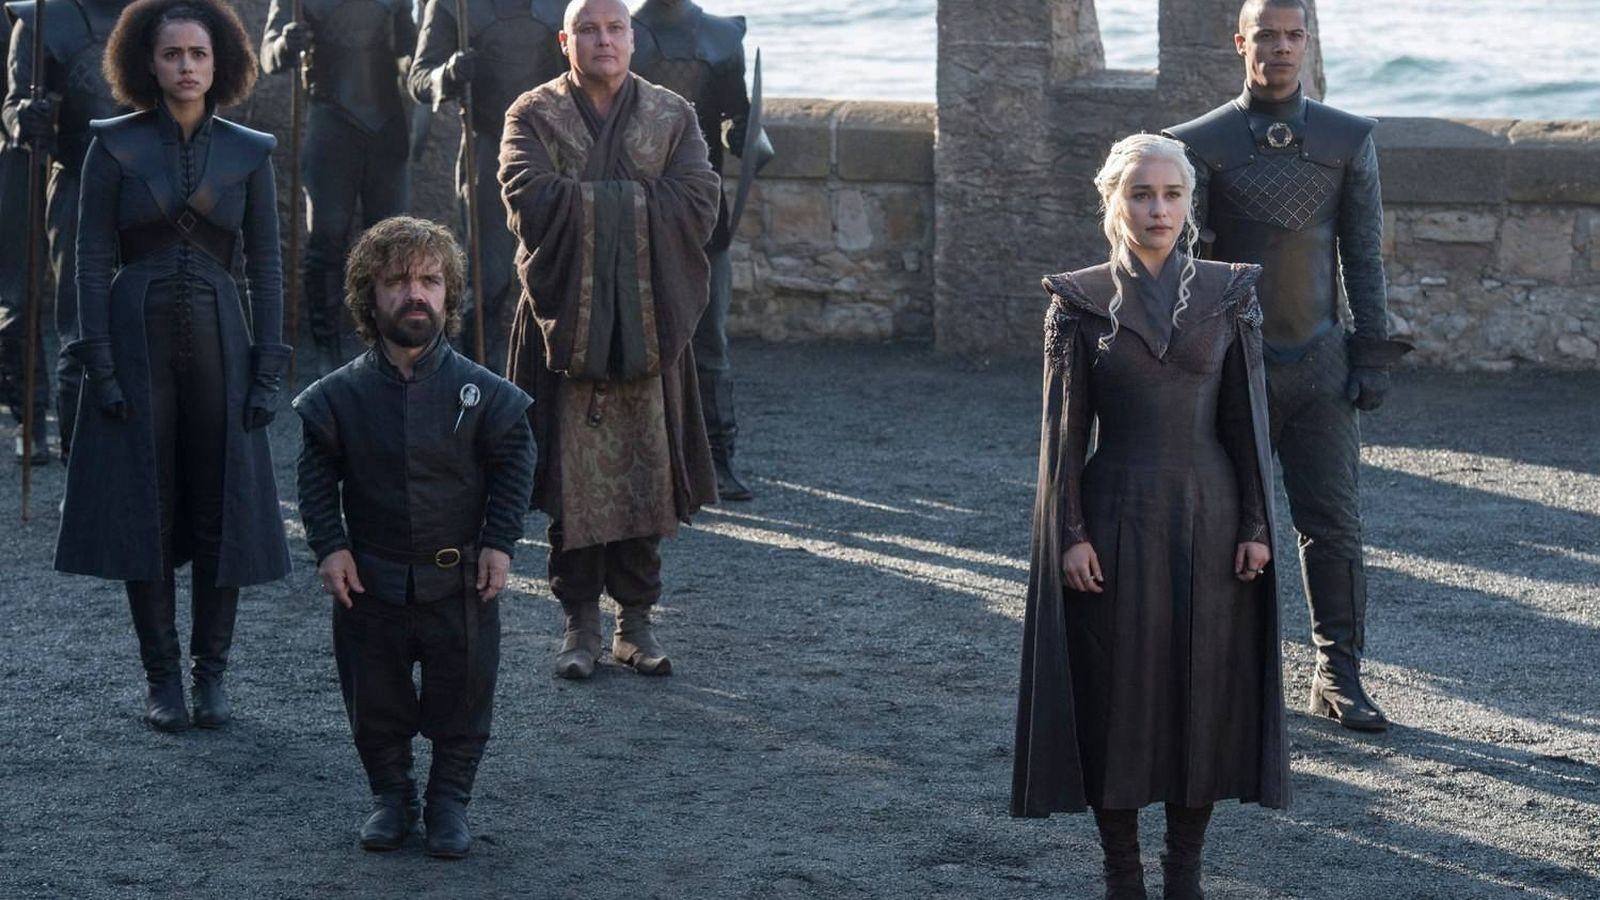 Foto: Imagen del primer capítulo de la séptima temporada con Daenerys Targaryen llegando a Rocadragón